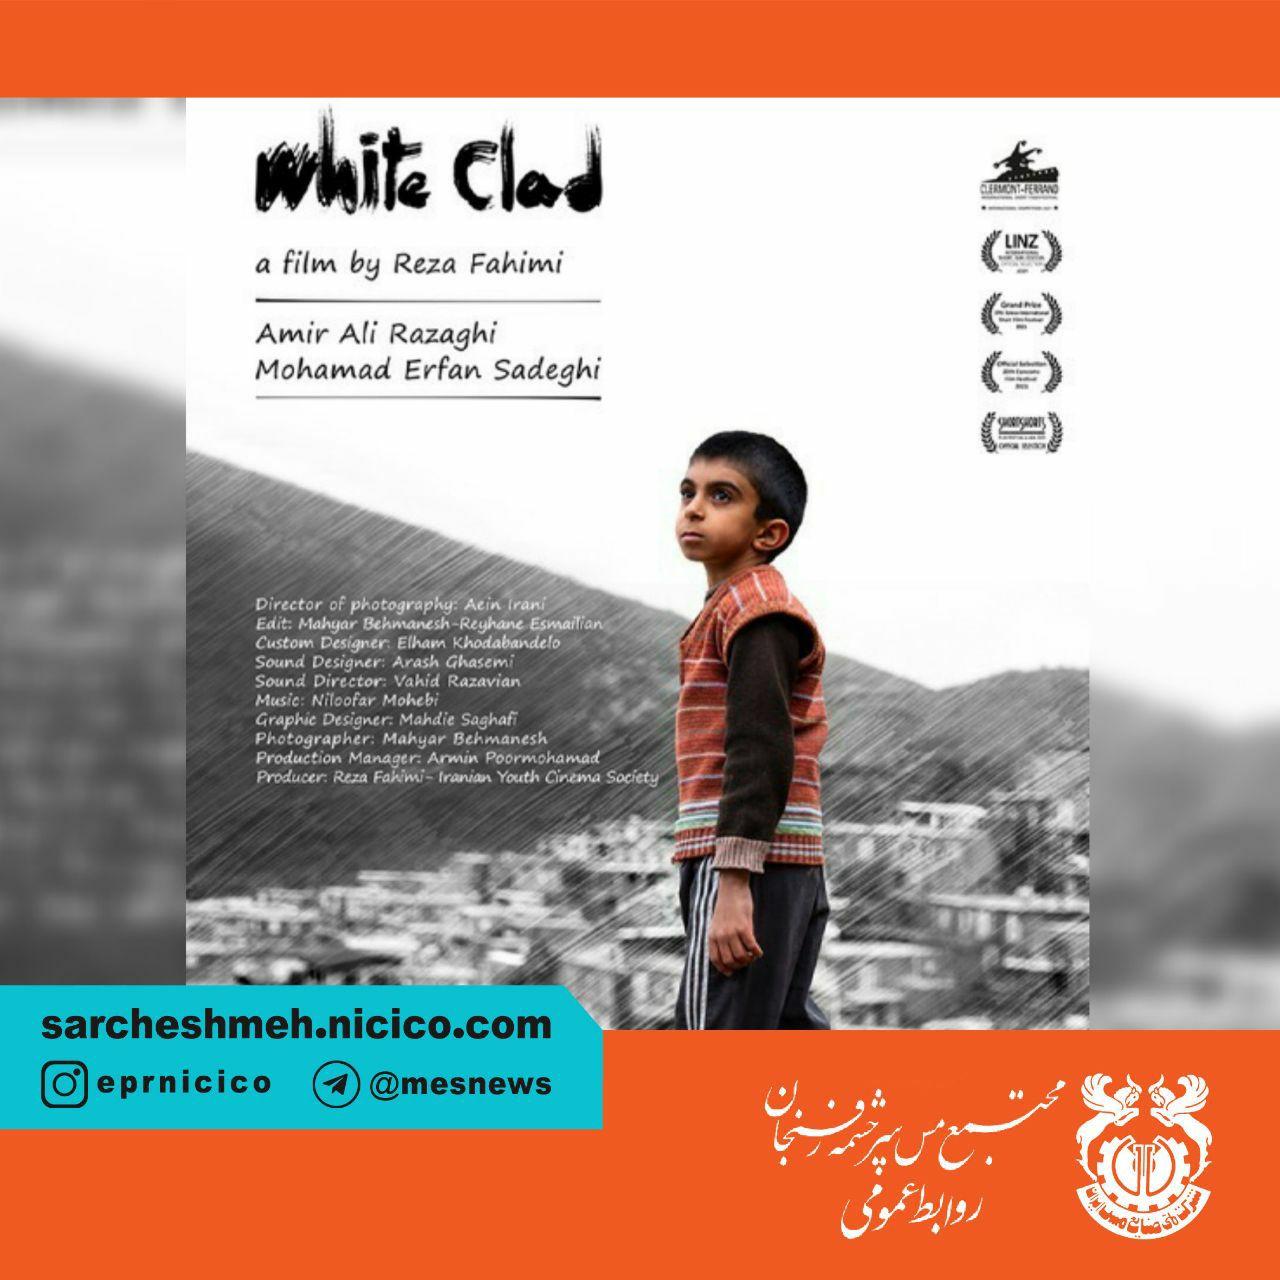 فیلم کوتاه «سفیدپوش»؛ نماینده سینمای ایران در اسکار آینده